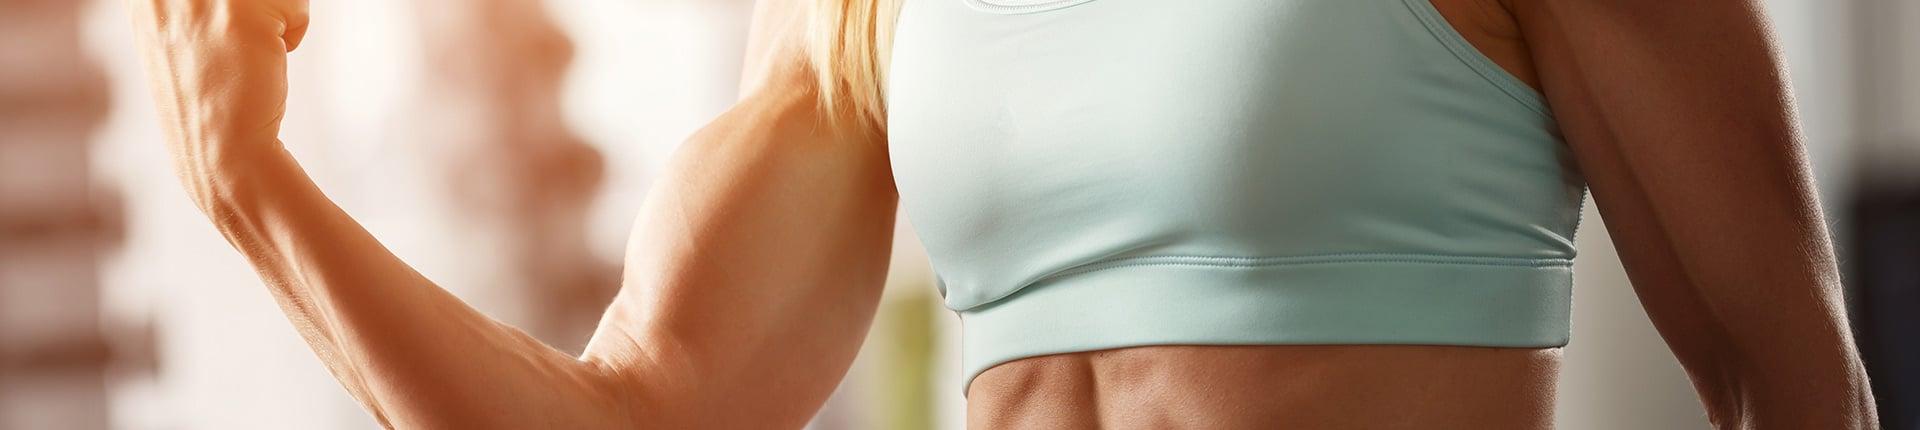 Fakty i mity dotyczące zdrowej diety